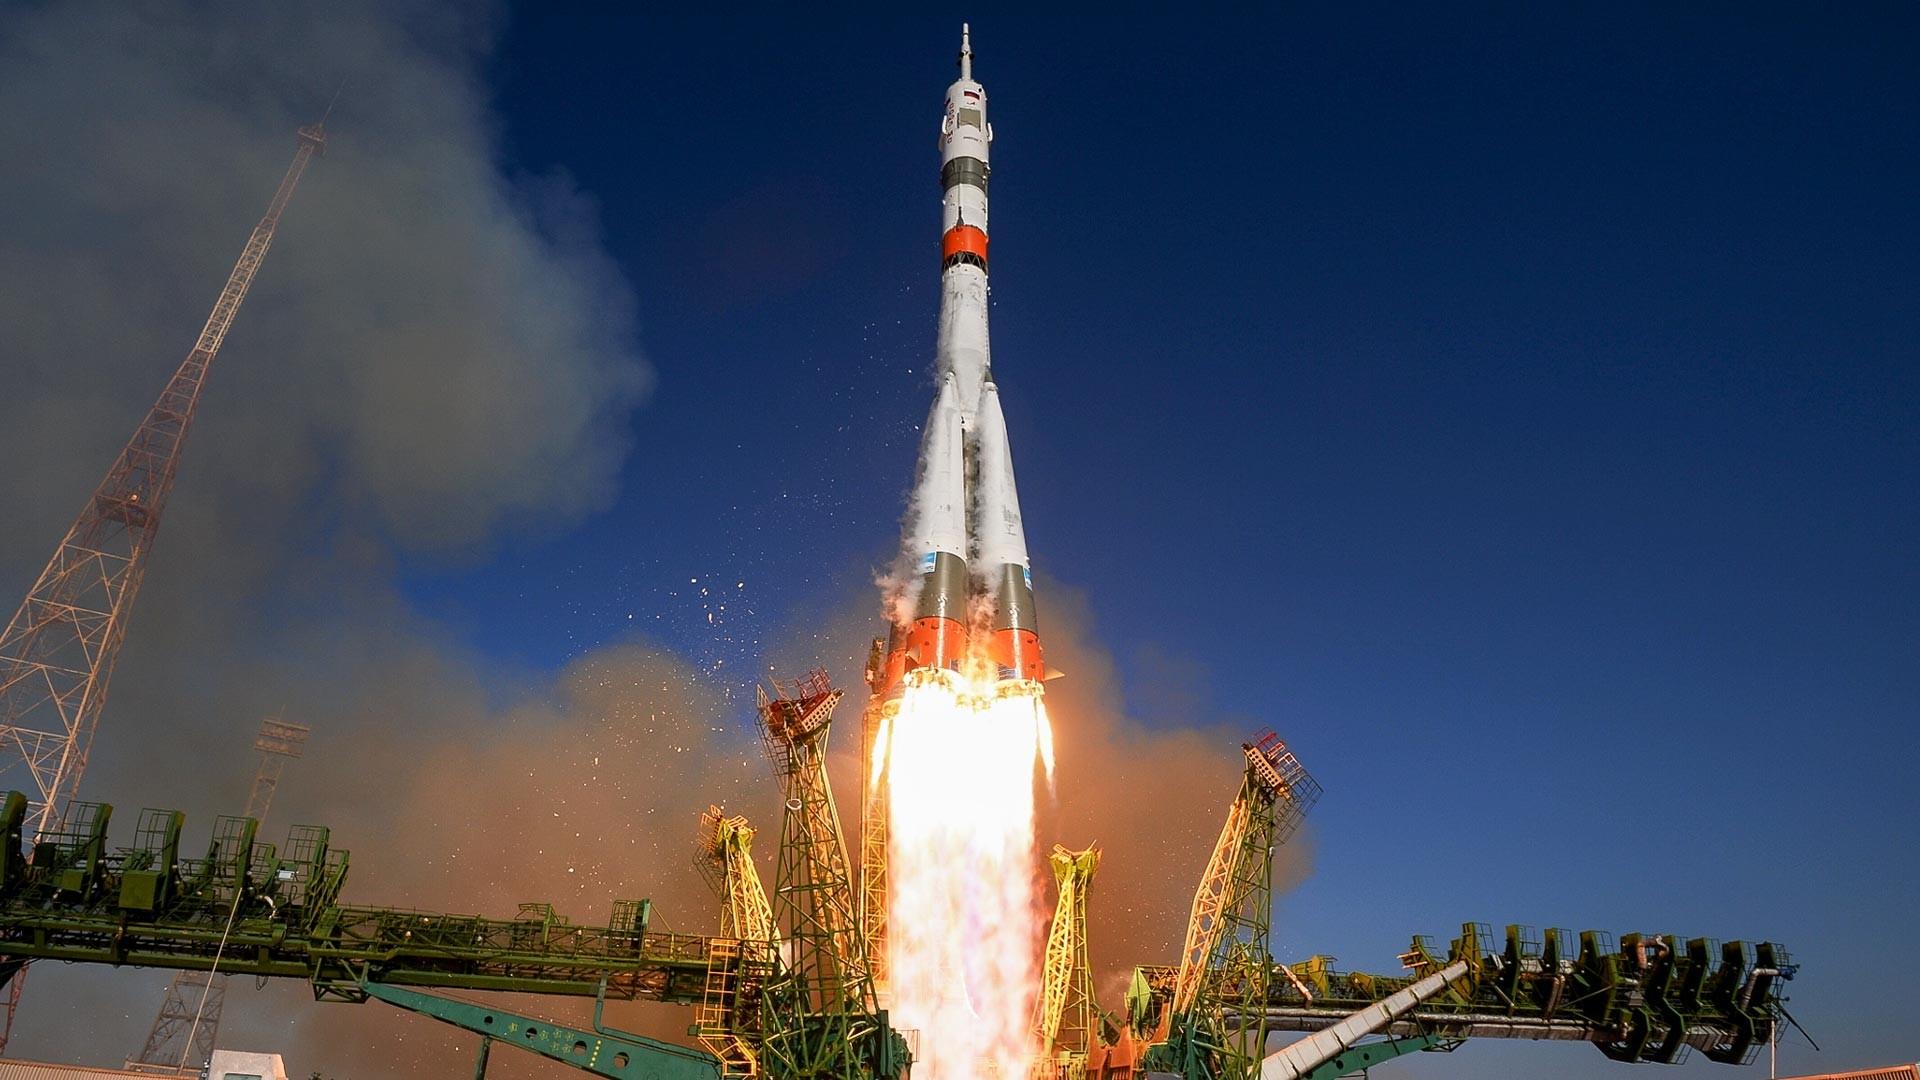 Izstrelitev nosilne rakete Sojuz 2.1a z vesoljsko ladjo s posadko Sojuz MS 14, izstrelišče v Bajkonurju v Kazahstanu